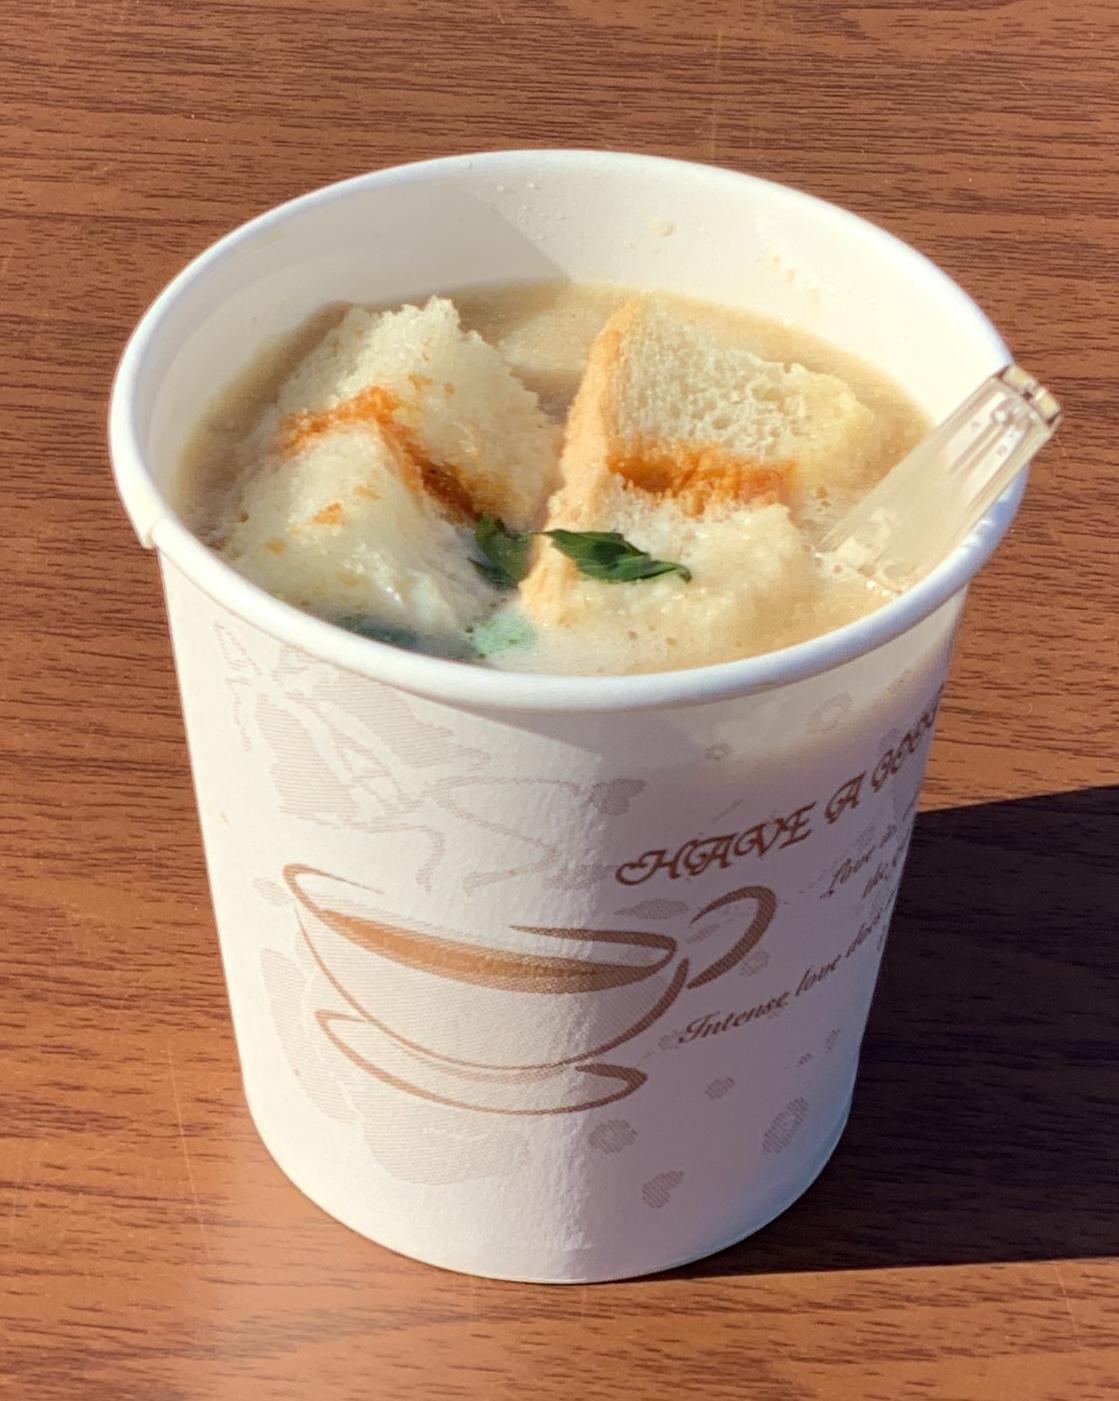 Pasta caffe Epicurean(パスタカフェエピキュリアン) イタリアン・クラムチャウダー・ラテ